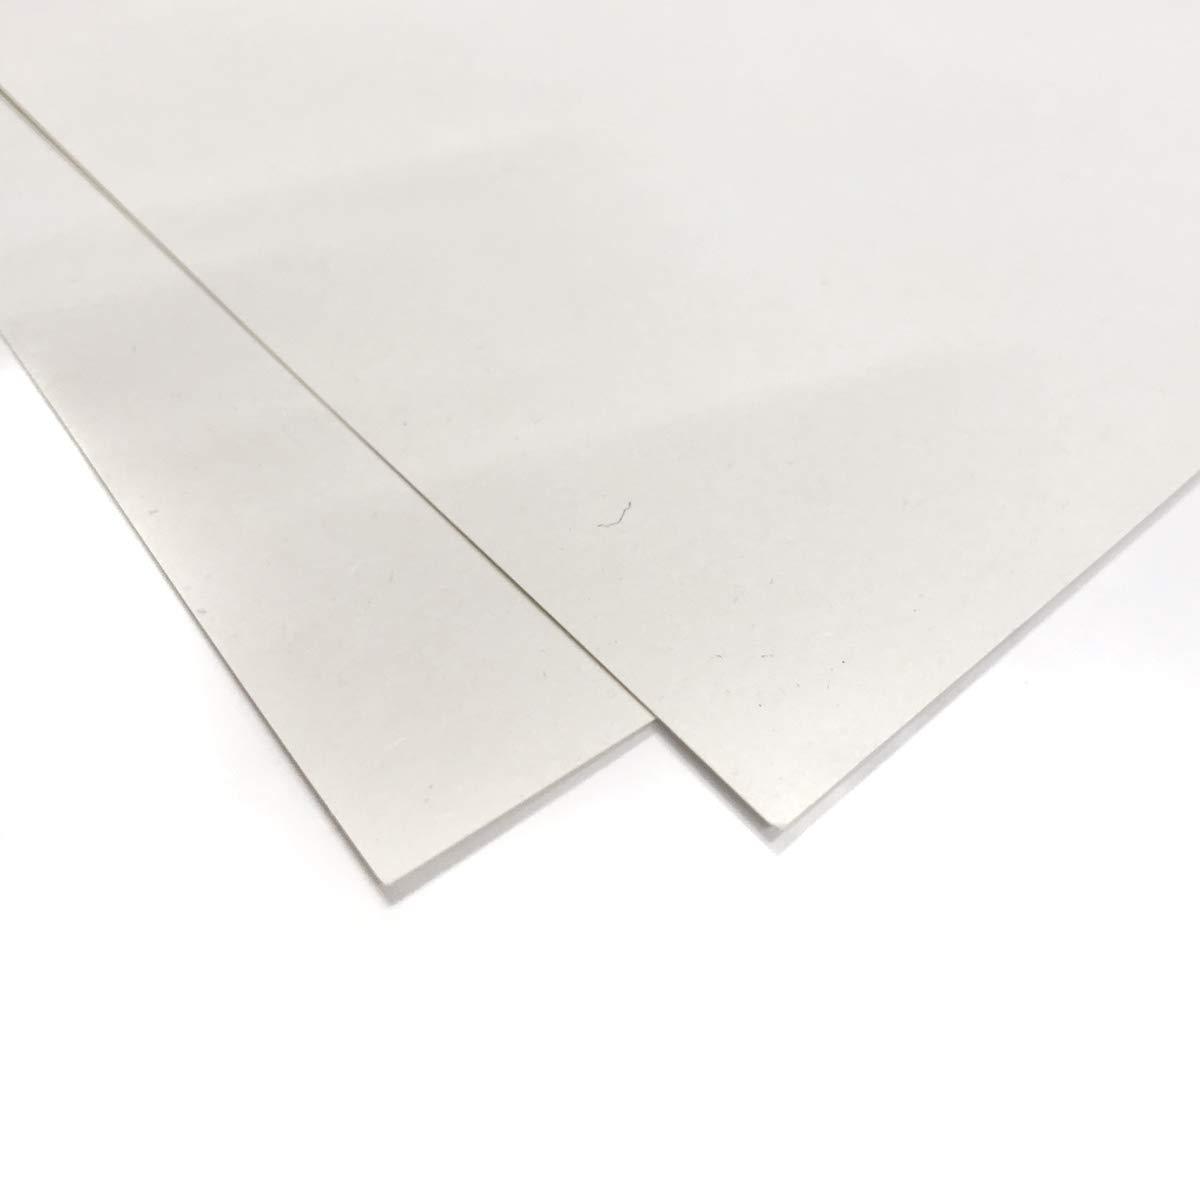 再生上質紙 254×360 110キロ ヨコ目 9000枚 B07VRKX79J